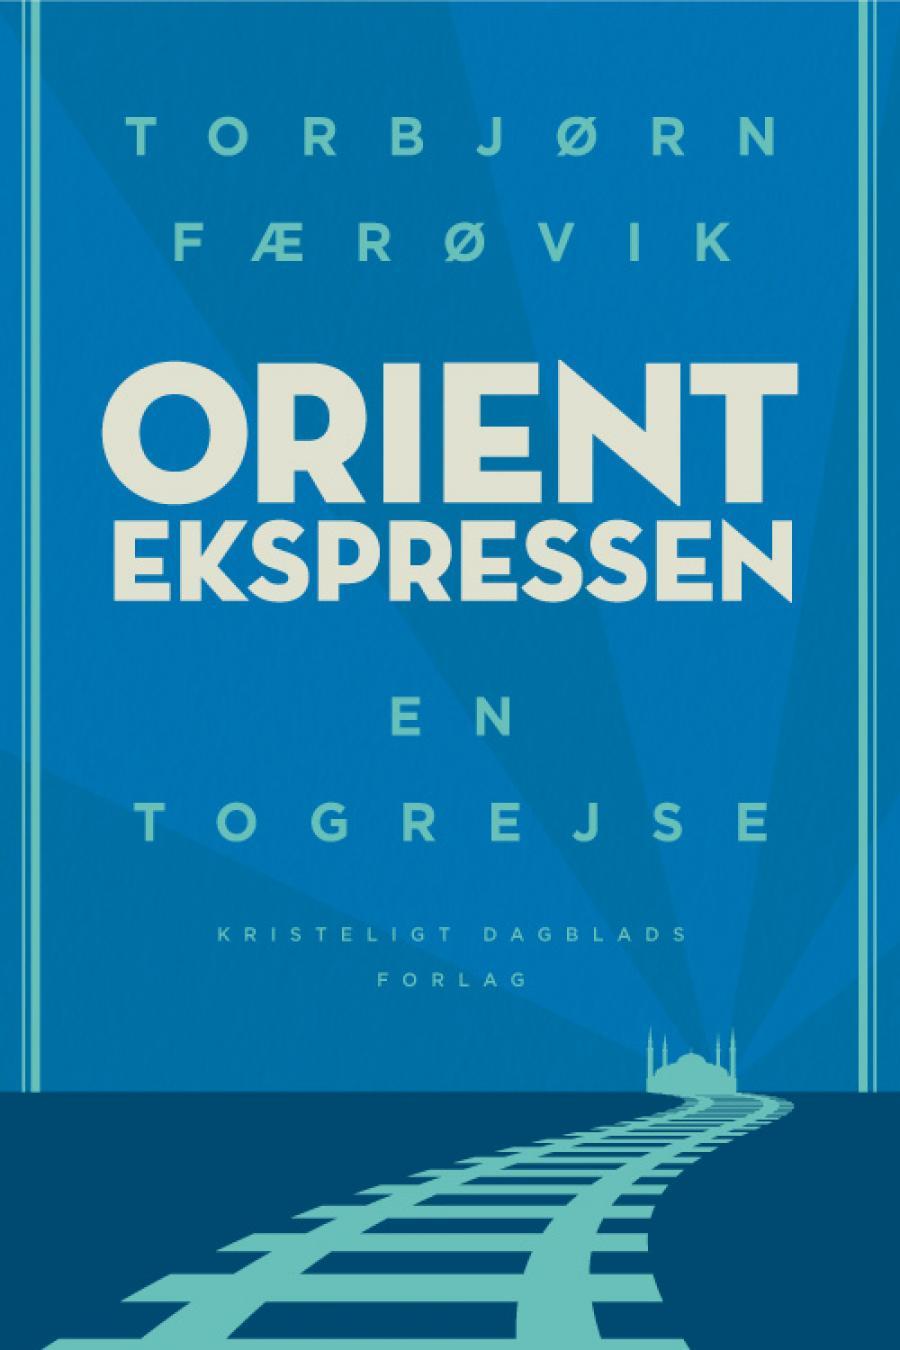 Orientekspressen af Torbjørn Færøvik